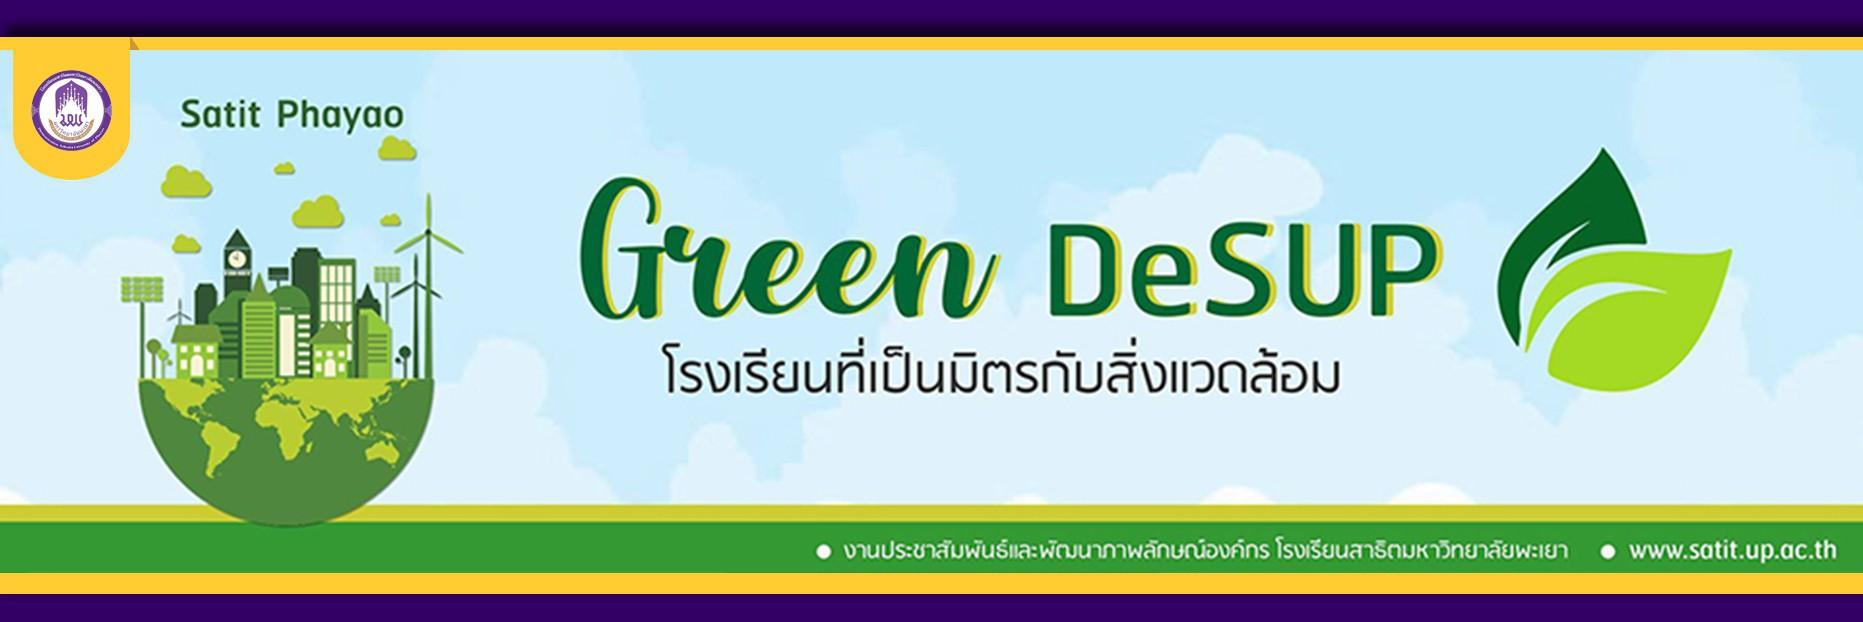 citcoms_2021-03-17-605186ecb1863